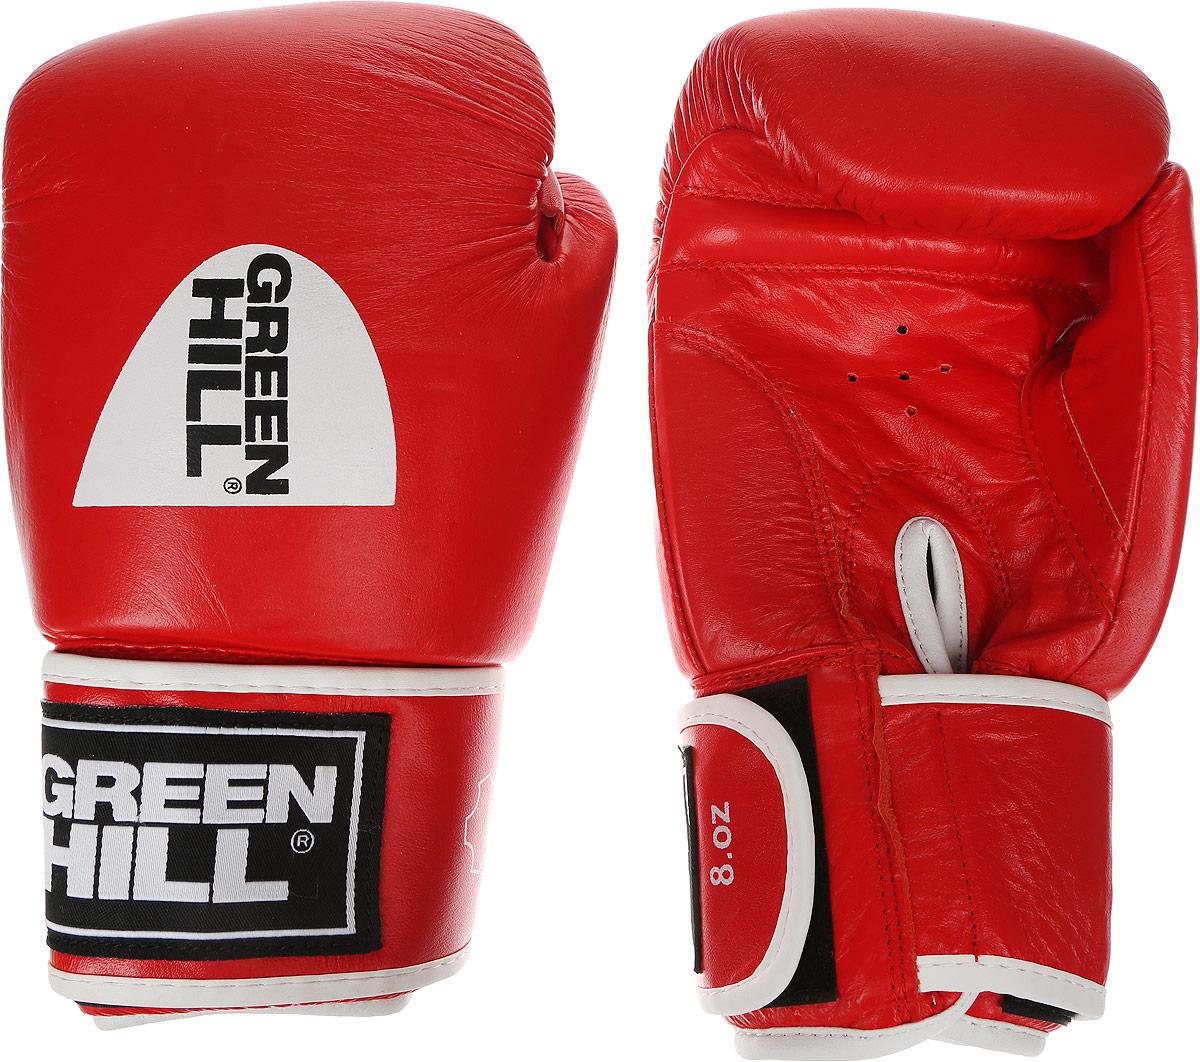 Перчатки боксерские Green Hill Gym, цвет: красный, белый. Вес 8 унций перчатки боксерские green hill abid цвет синий белый вес 16 унций